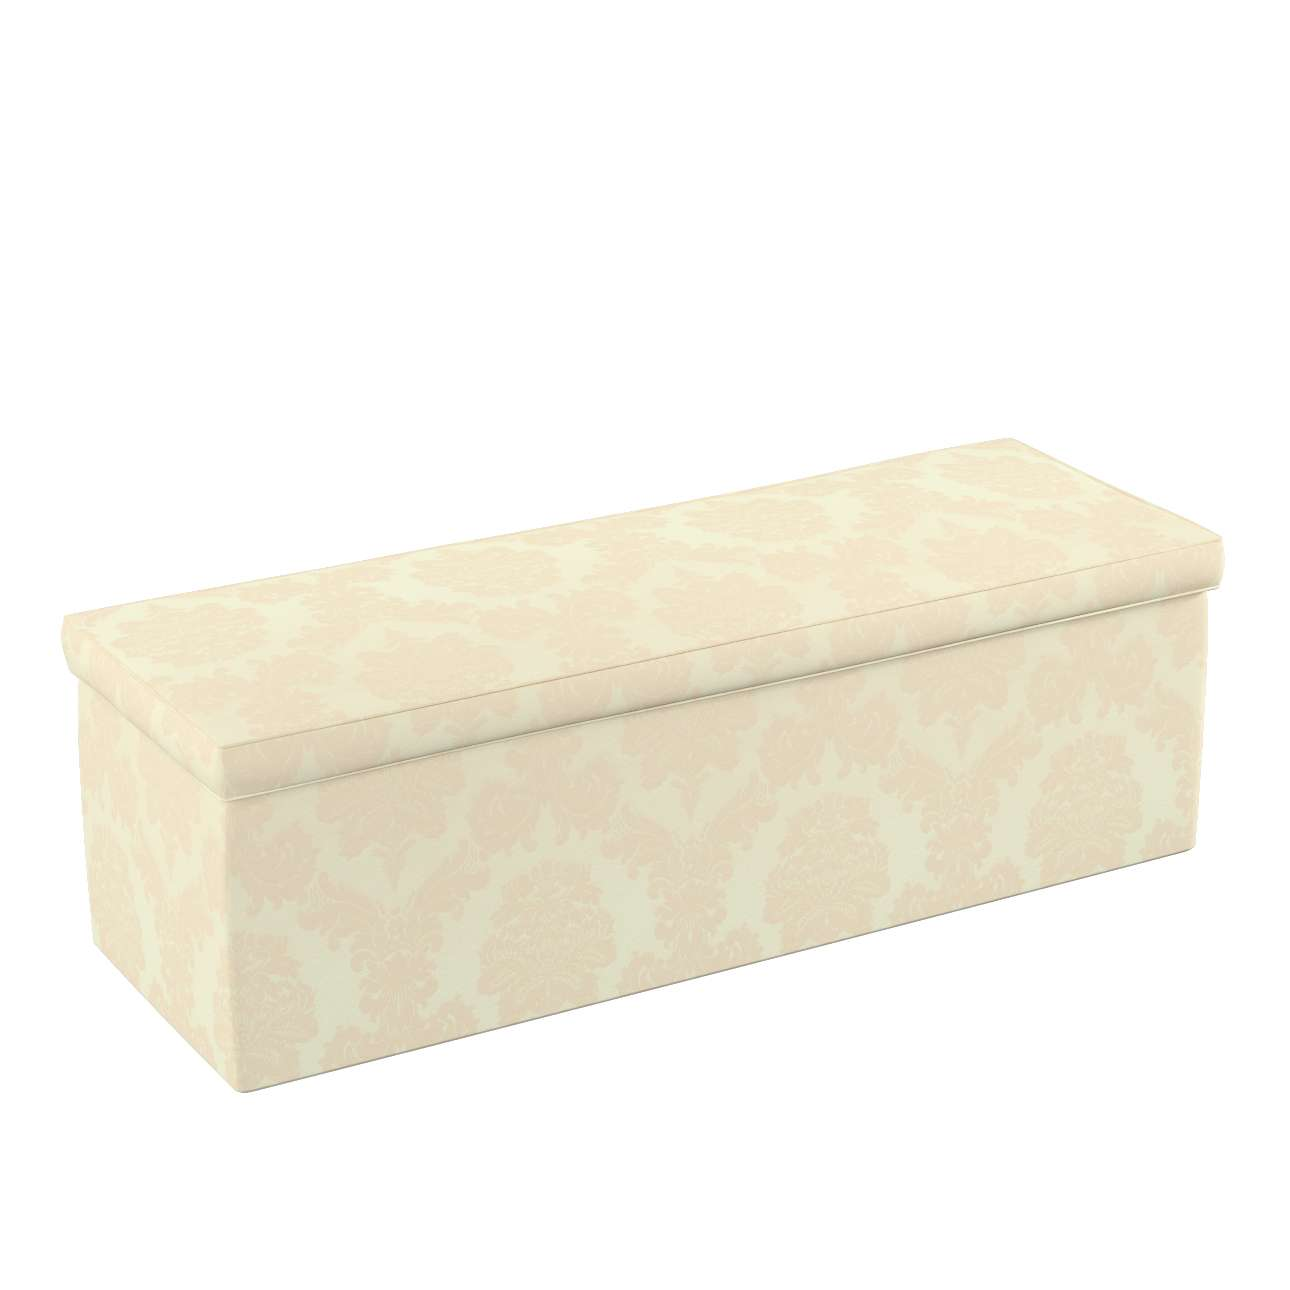 Čalouněná skříň s volbou látky - 2 velikosti v kolekci Damasco, látka: 613-01